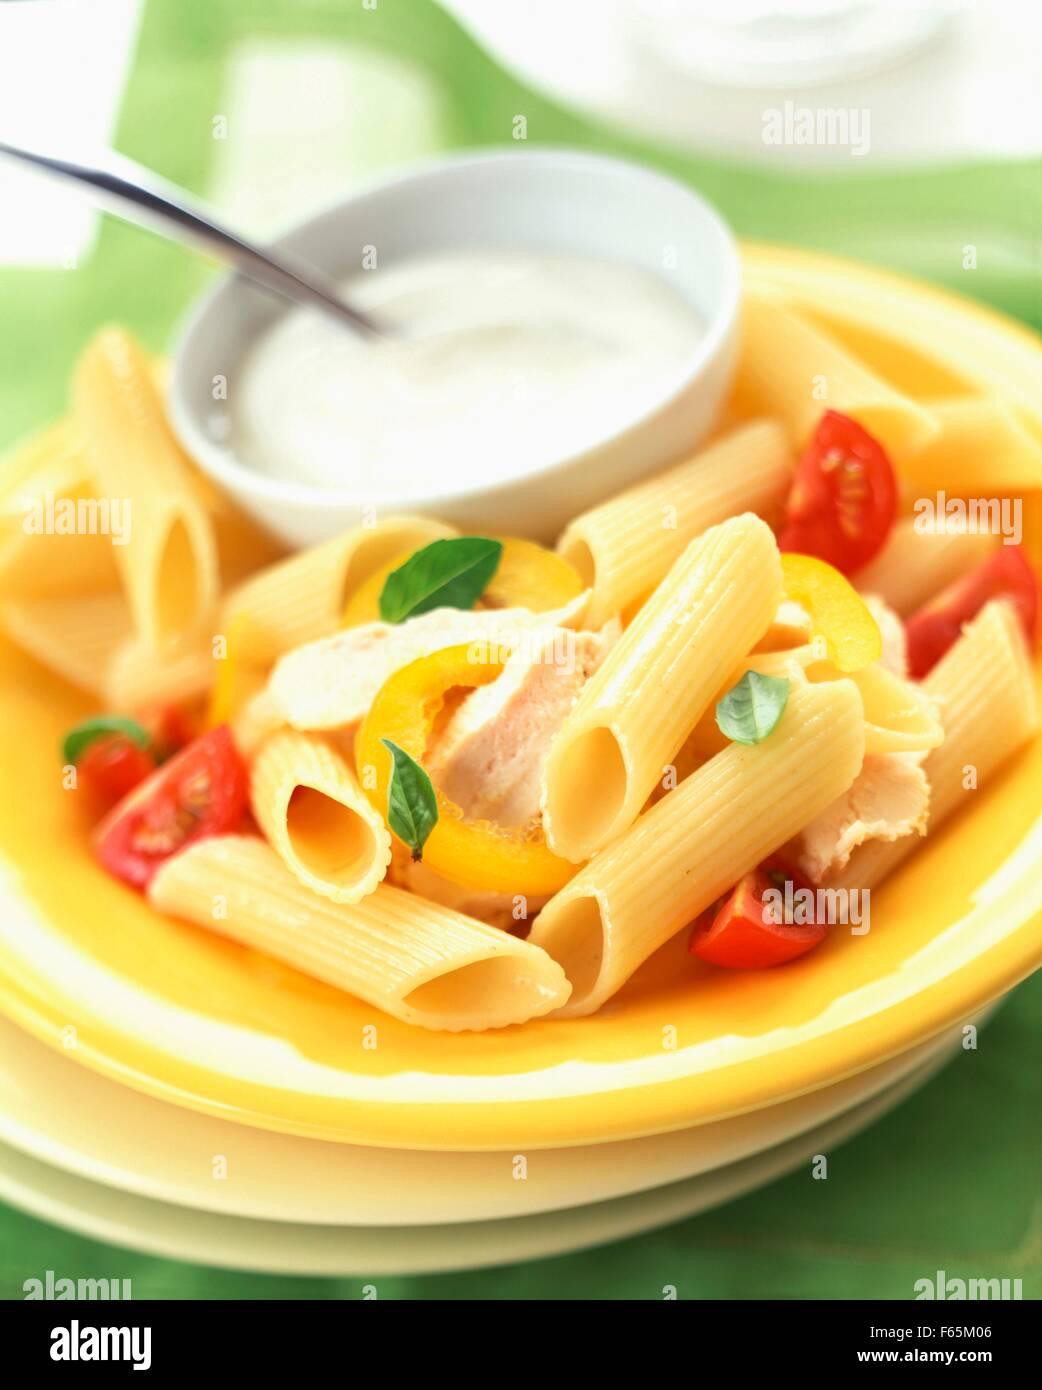 Pâtes Penne au poulet et sauce blanche Banque D'Images